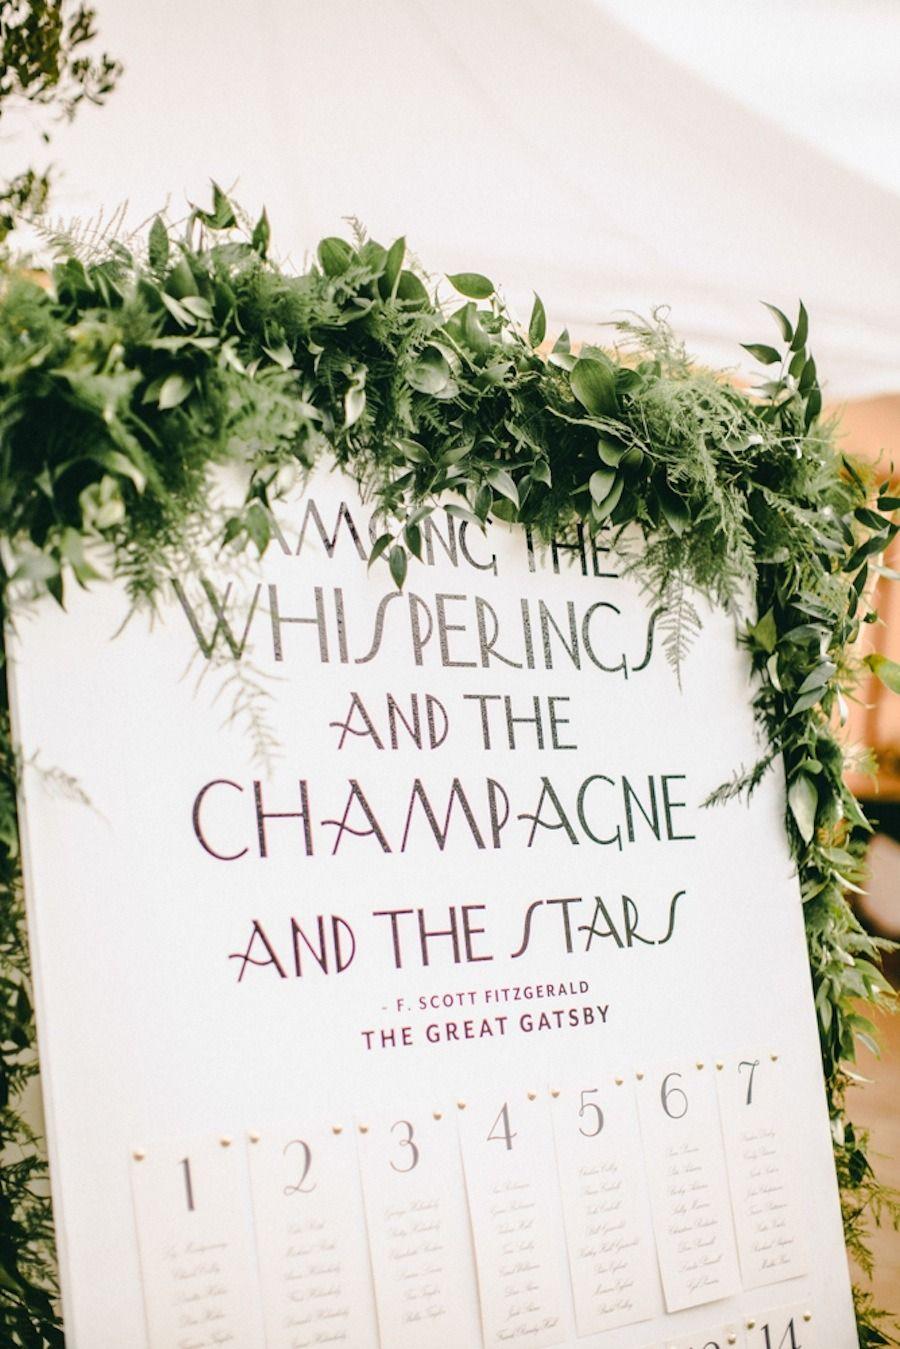 inspired healdsburg wedding also best irwin images on pinterest ideas rh